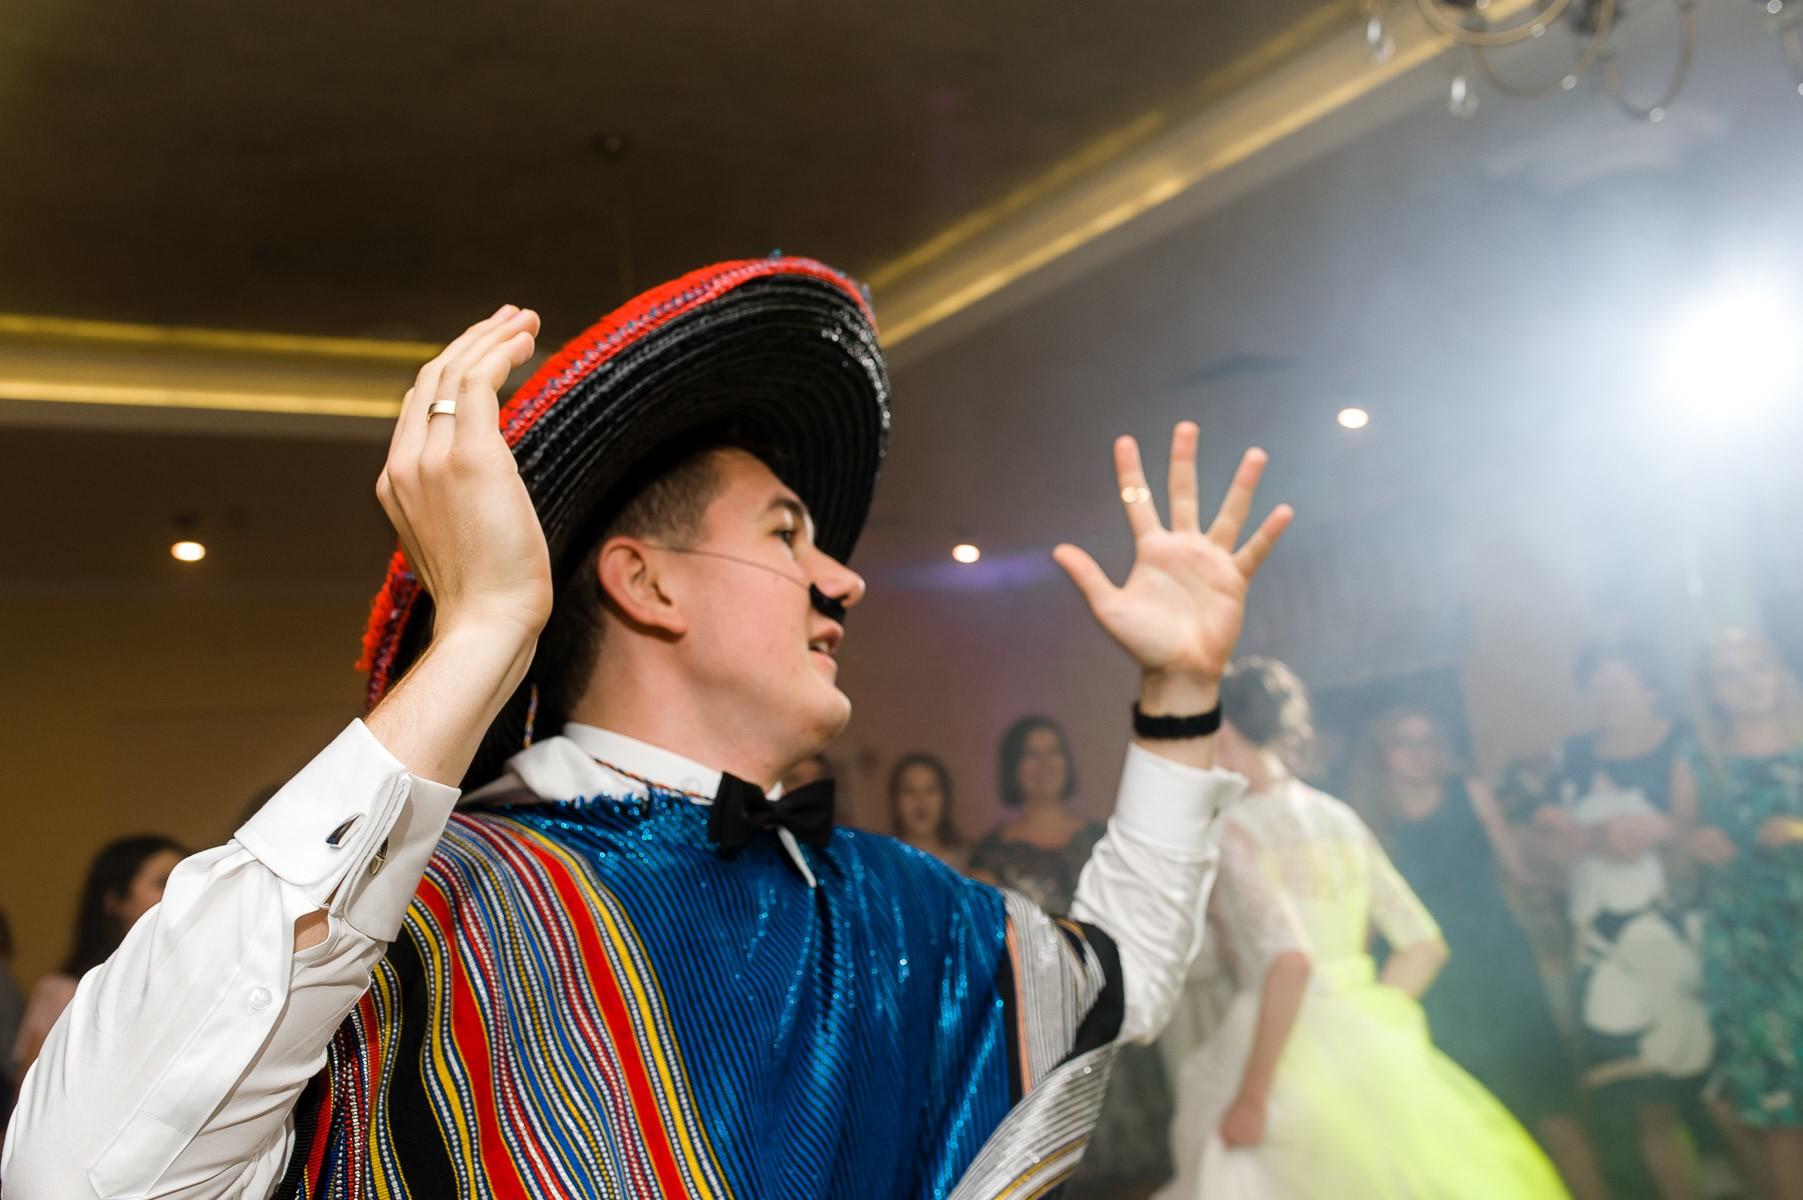 sala na skarpie fotograf slubny slask malopolska adam pietrusiak plener slubny w gorach jw wedding 169